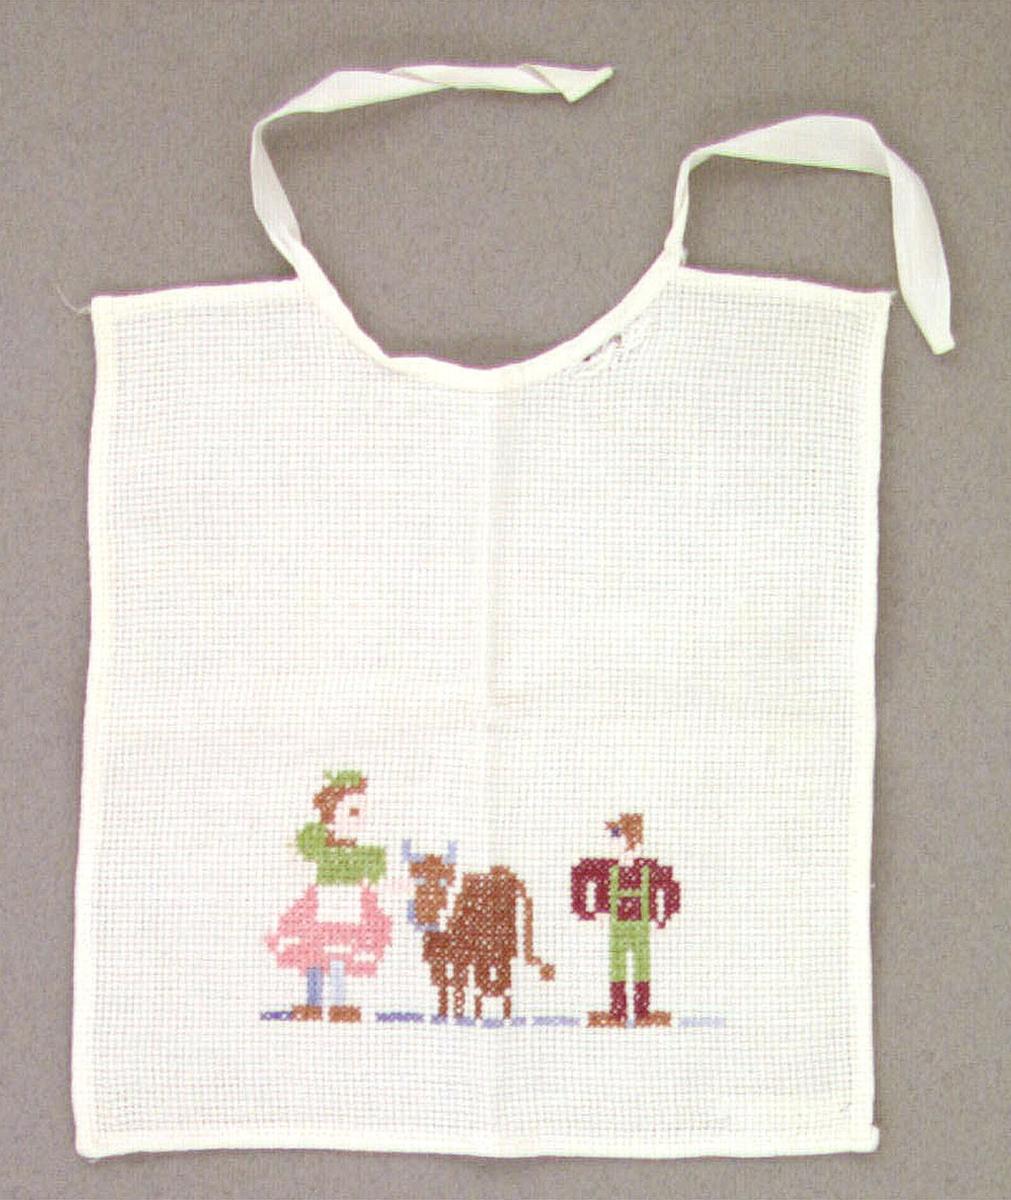 Dockhaklapp av vit bomullsstramalj med korsstyngsbroderi föreställande en gammal gubbe och en ko. Knytes med ett bomullsband i halsen.